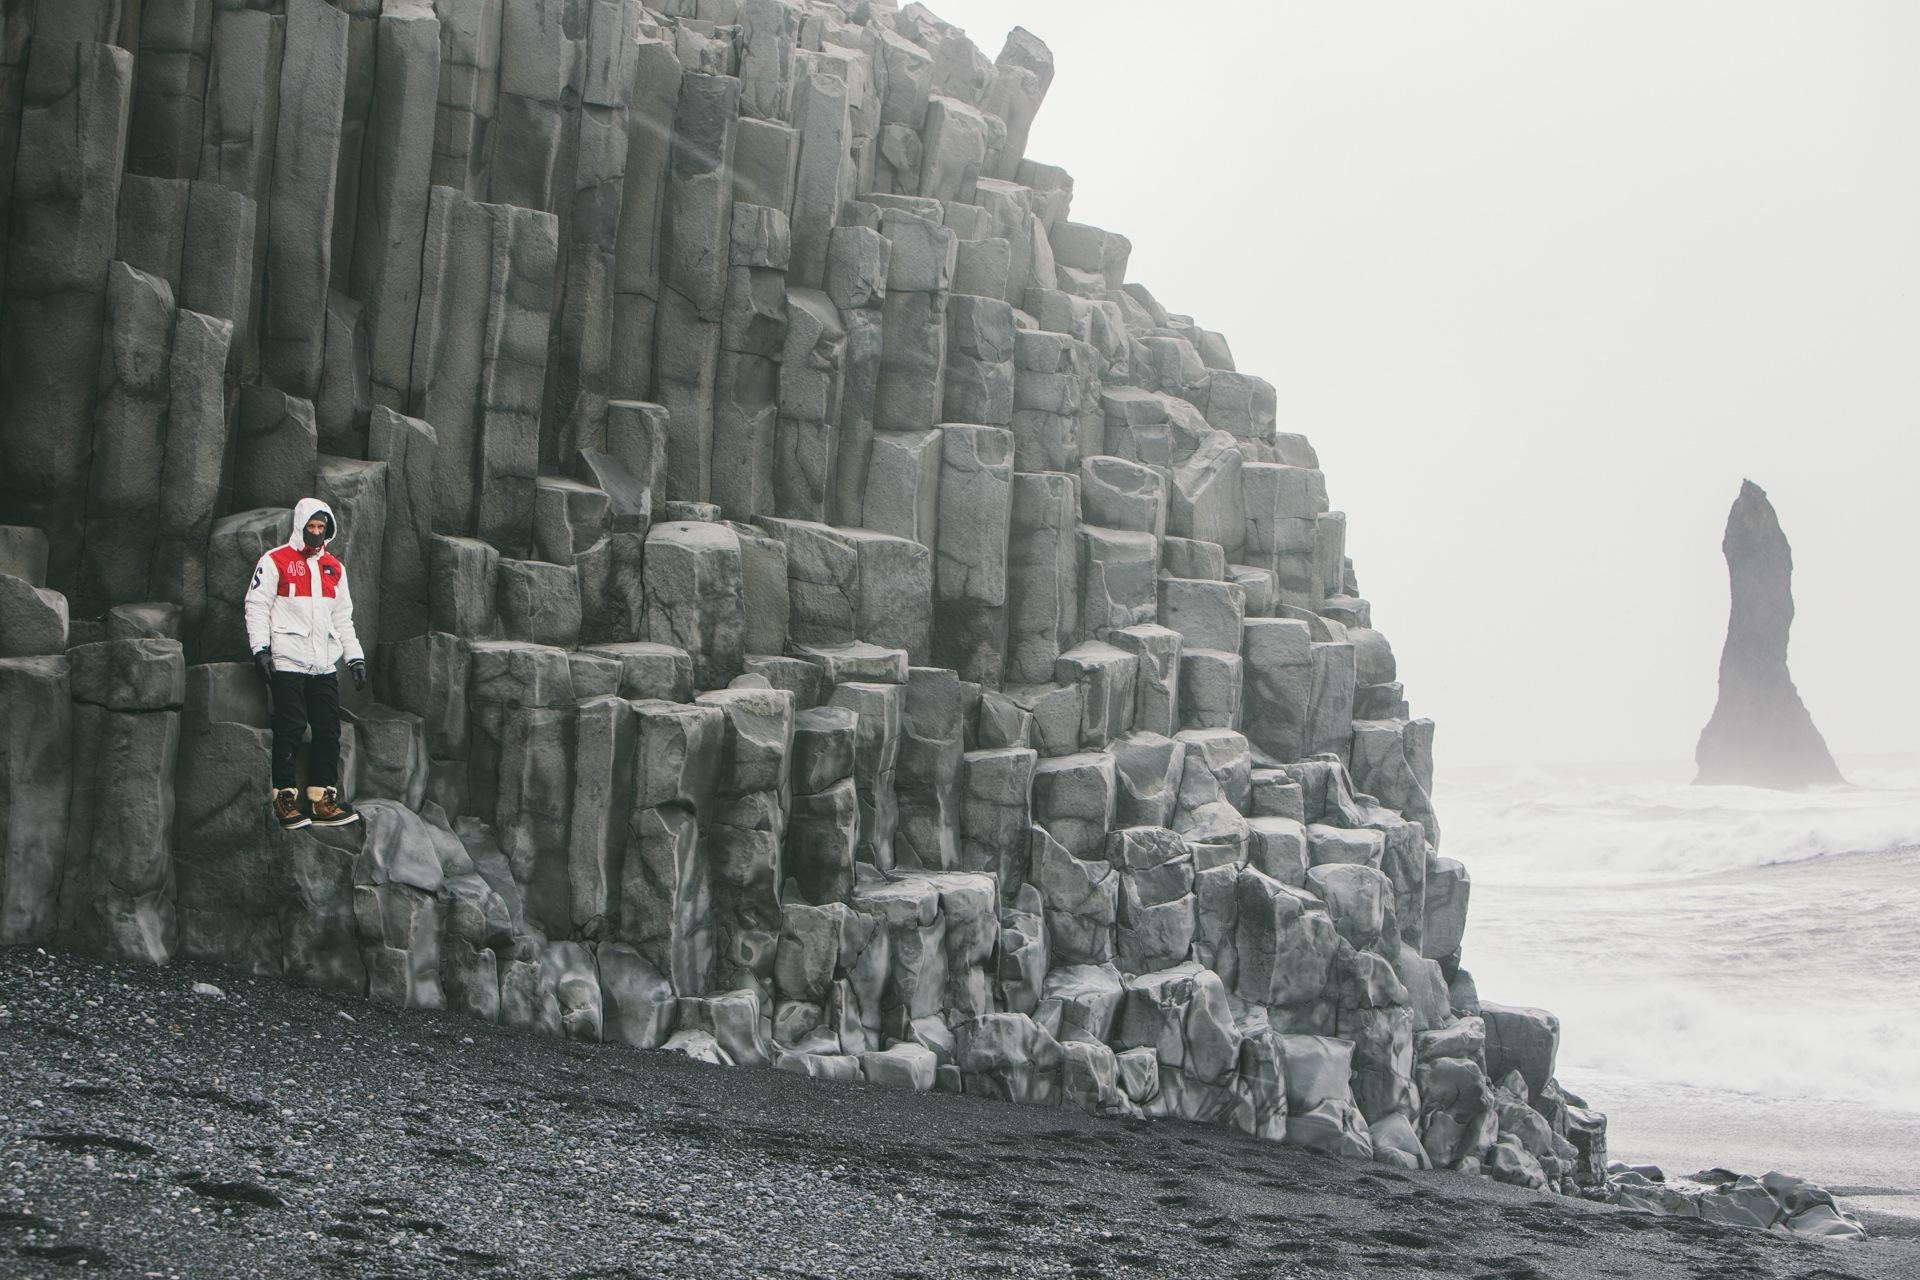 Iceland-2014-roadtrip-5.jpg